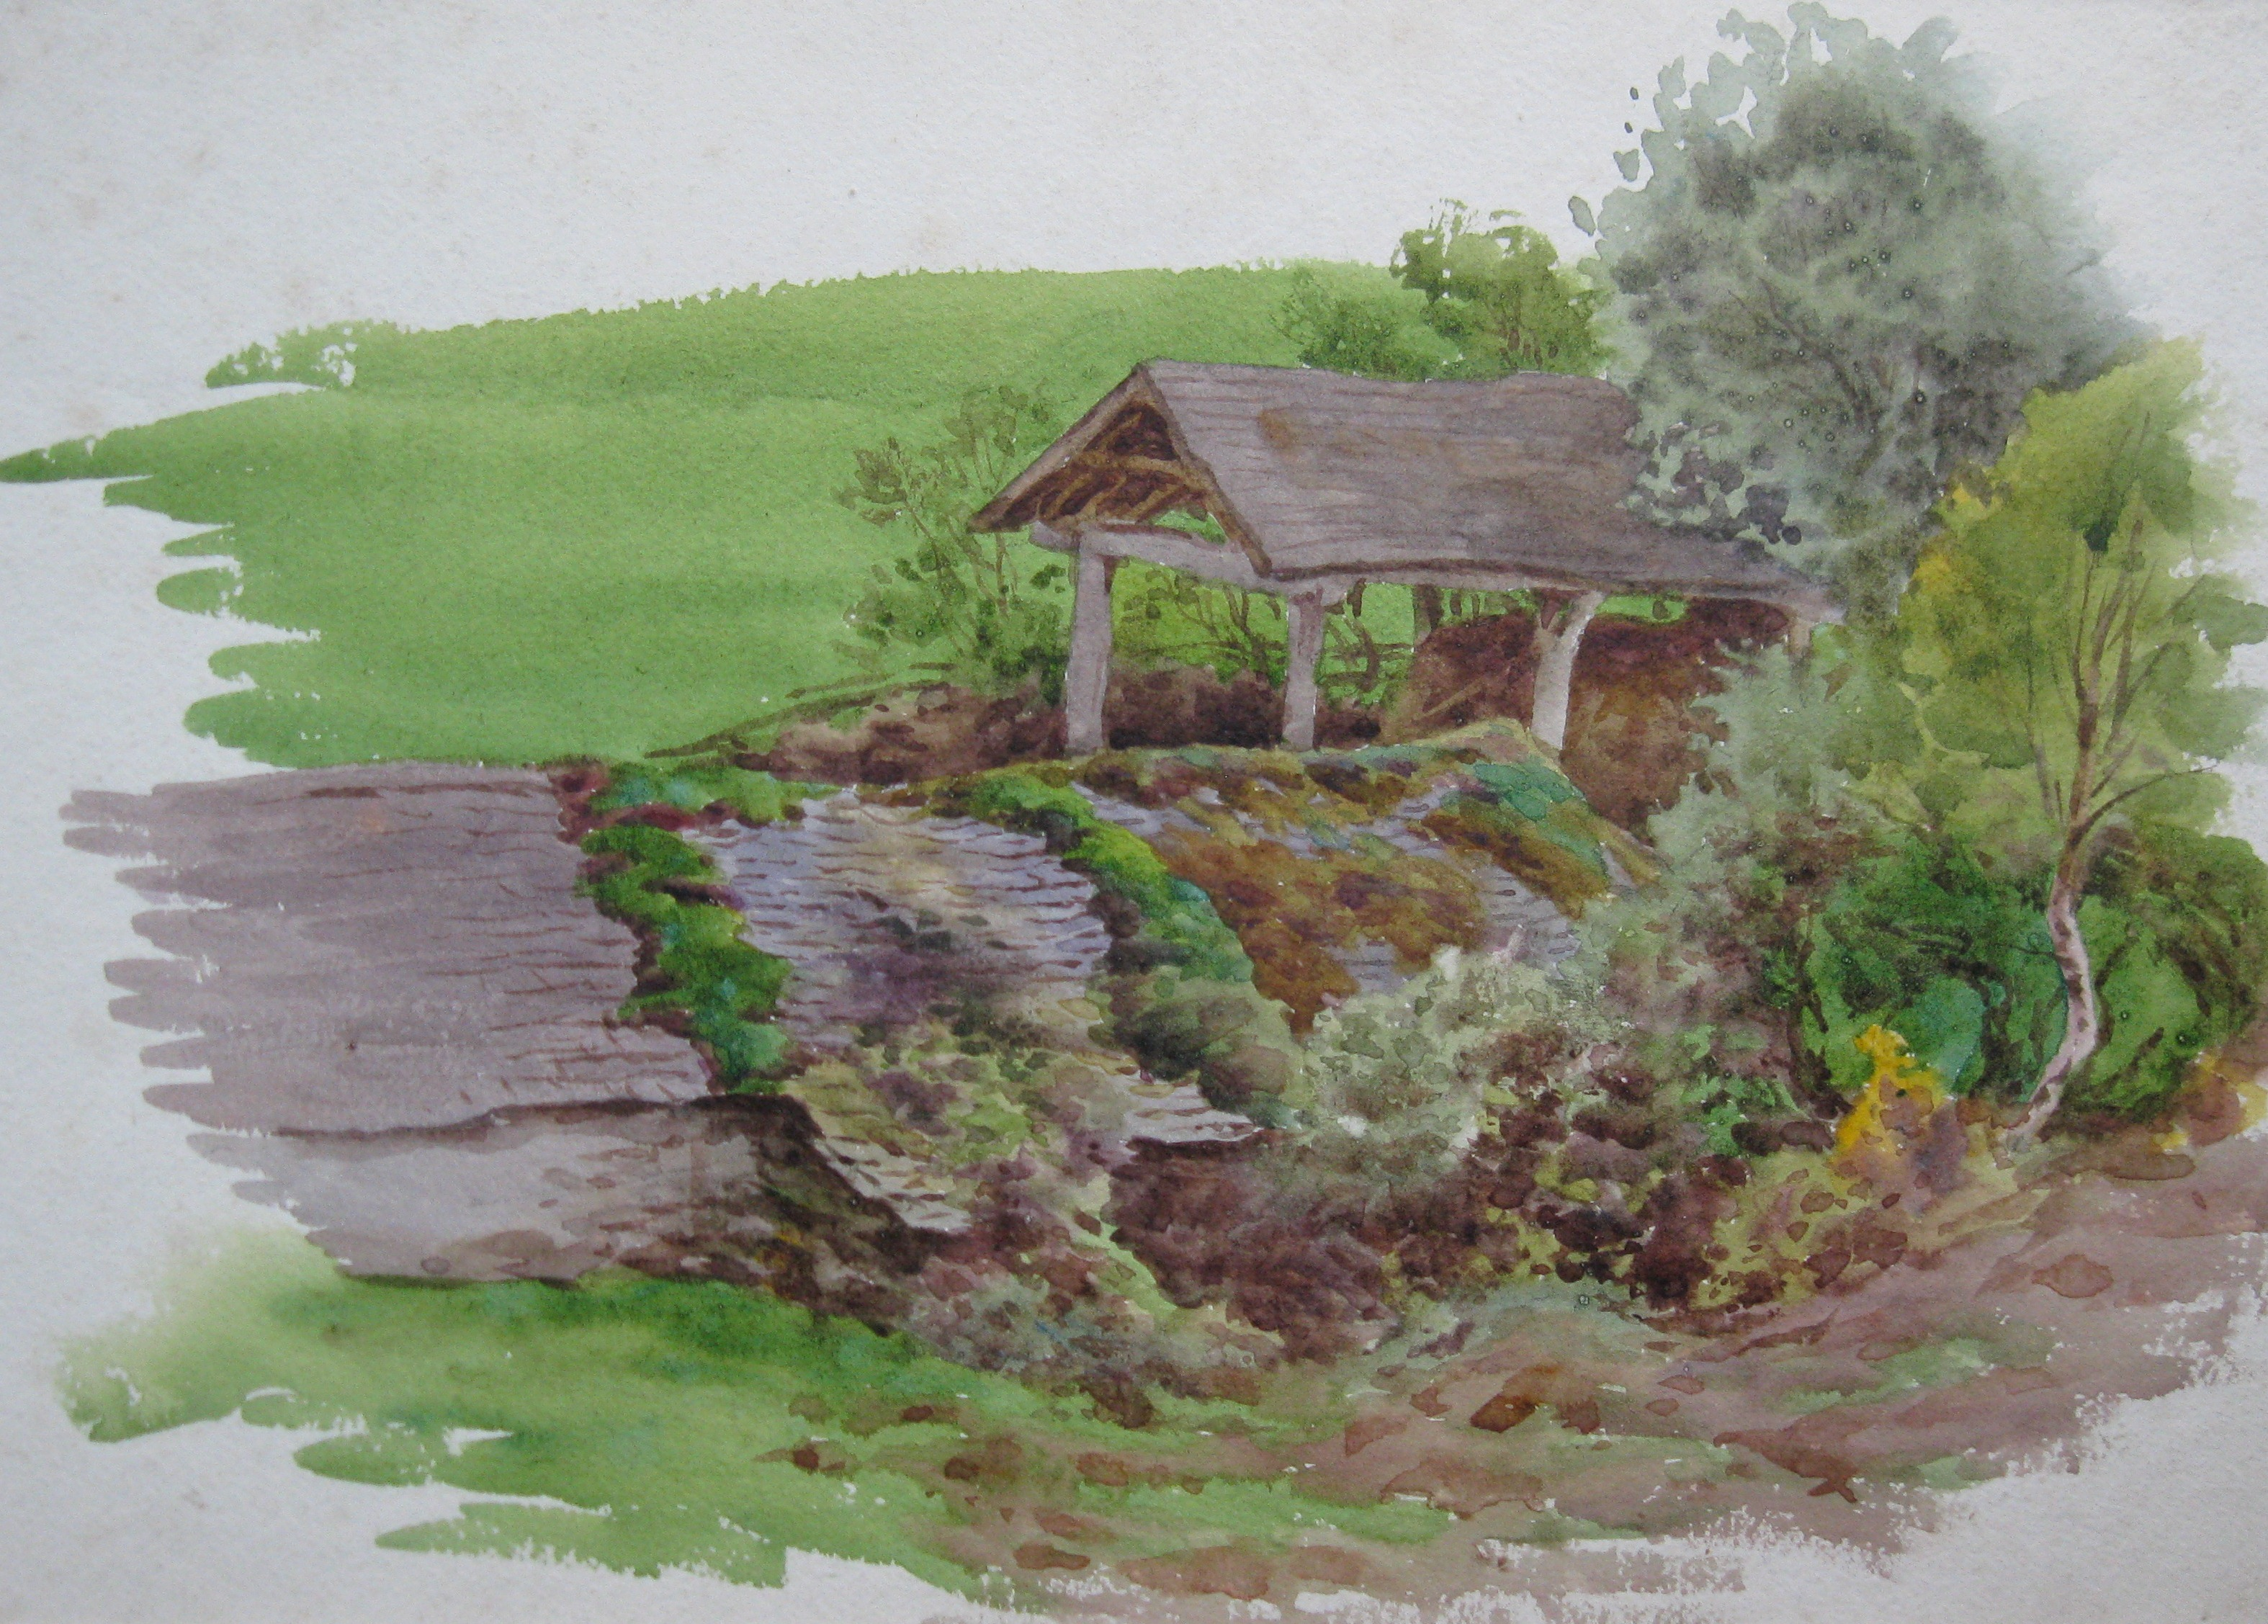 Charles James Adams 10 (Sketch of farm buildings in a rural setting)